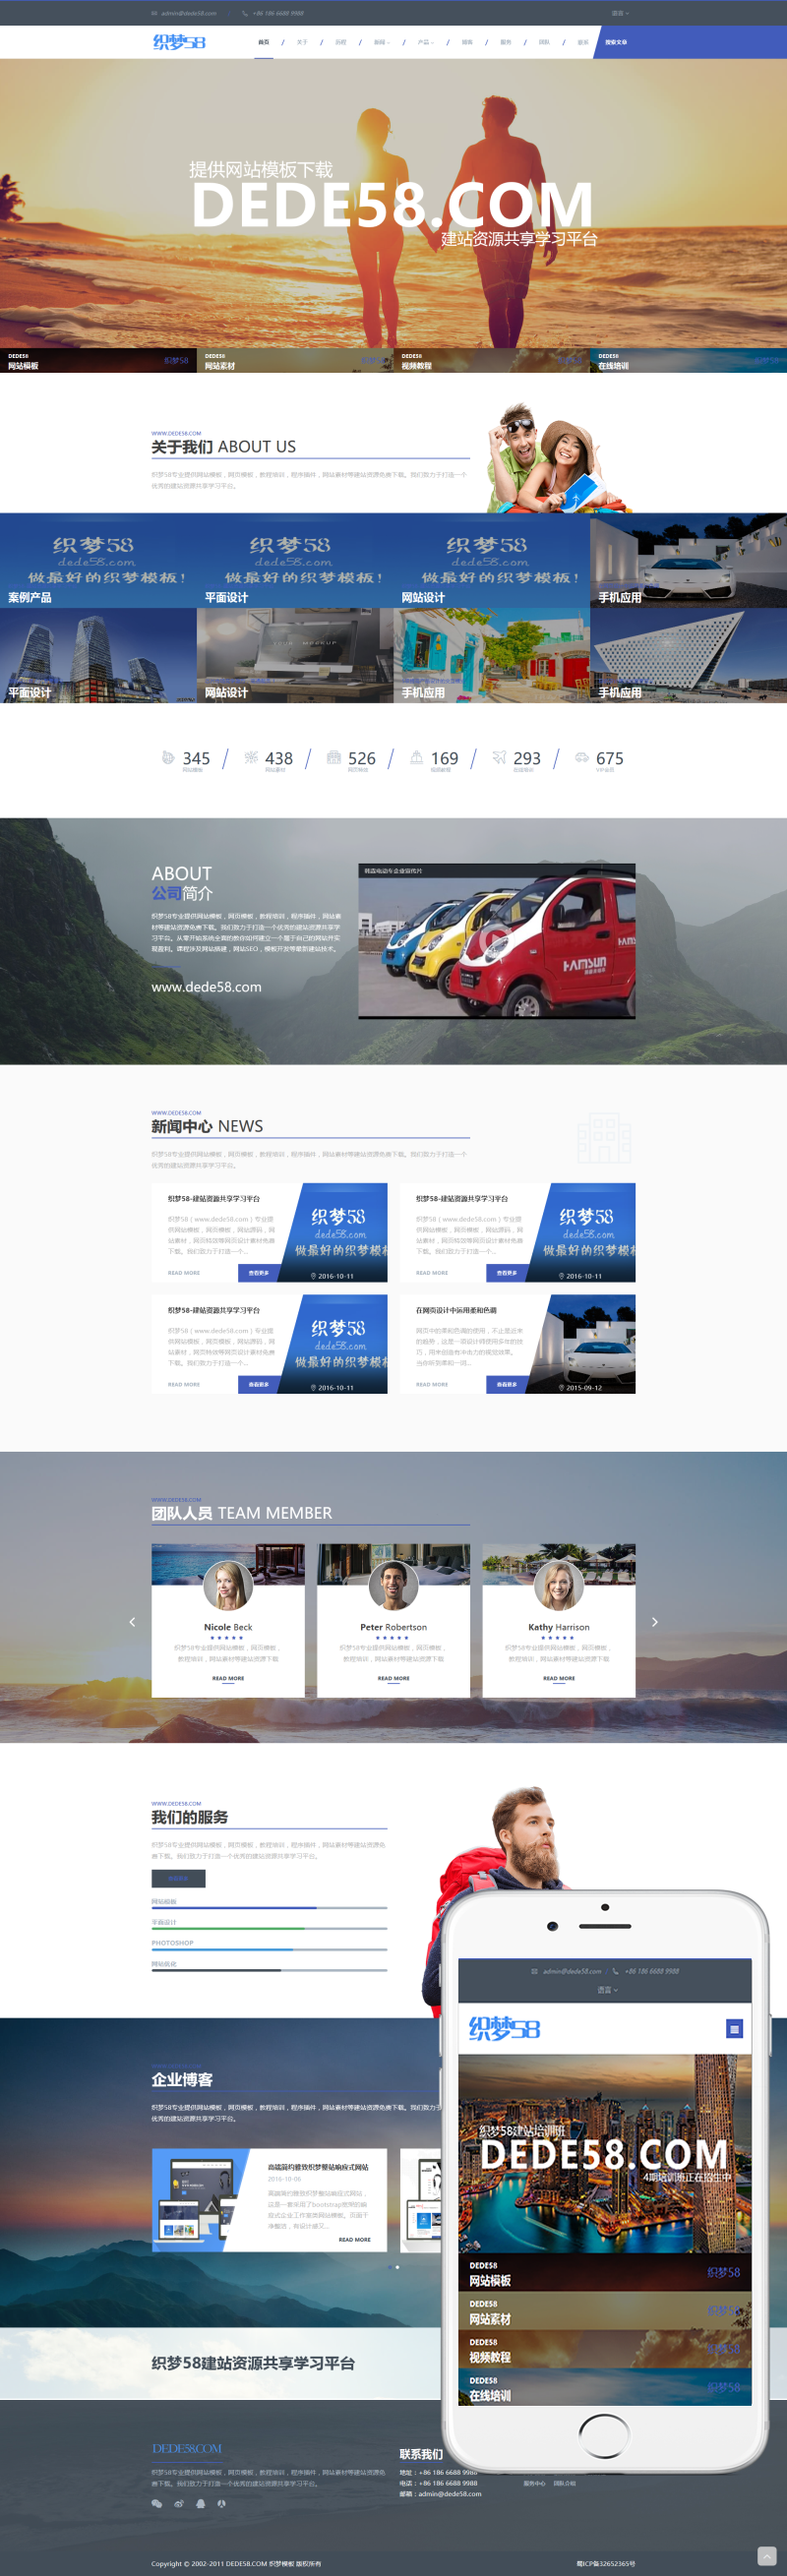 [织梦模板]高端响应式自适应自由配色旅游企业dedecms网站模板